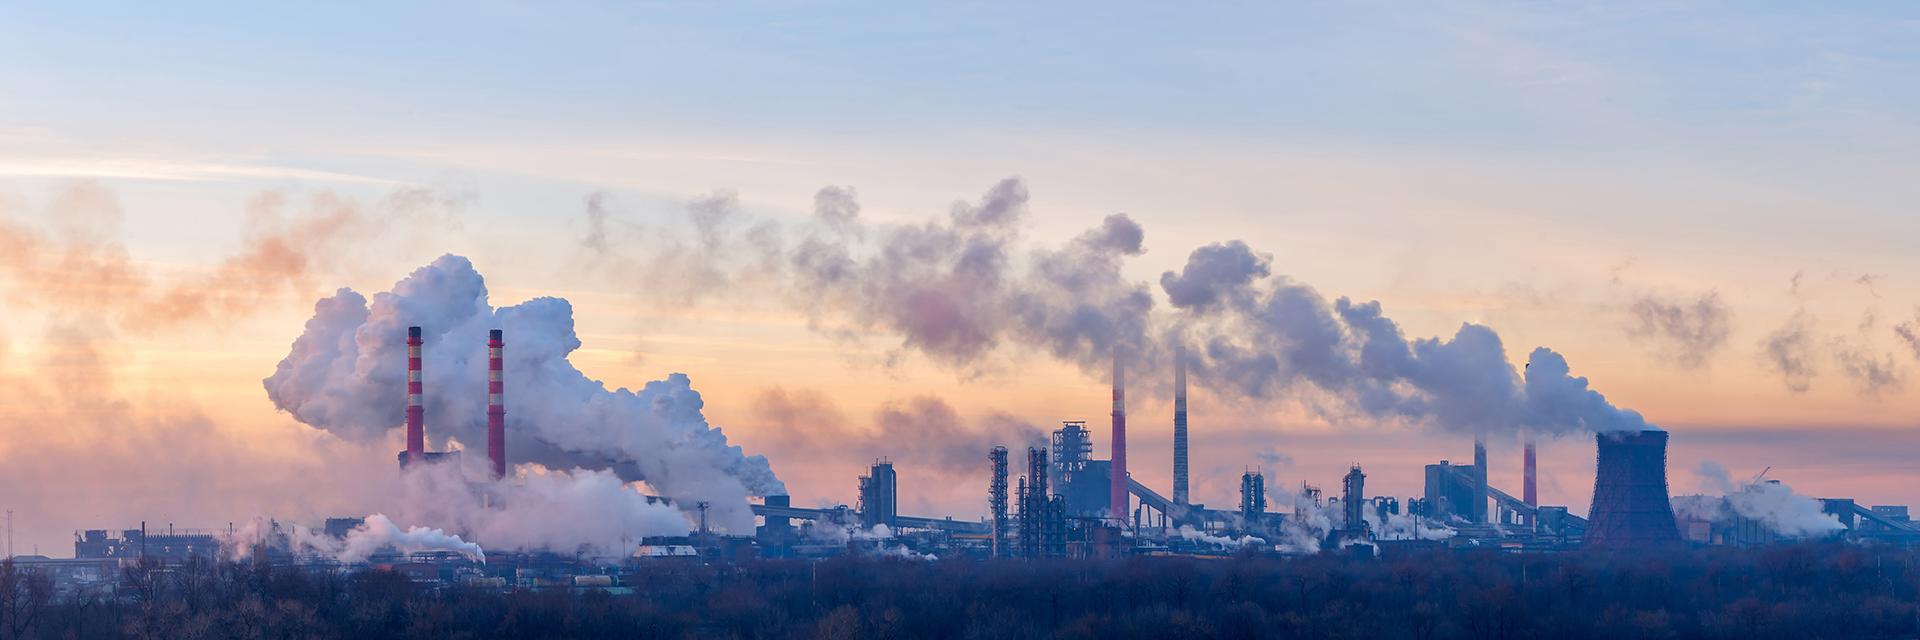 Megoldások légszennyezettség csökkentésére